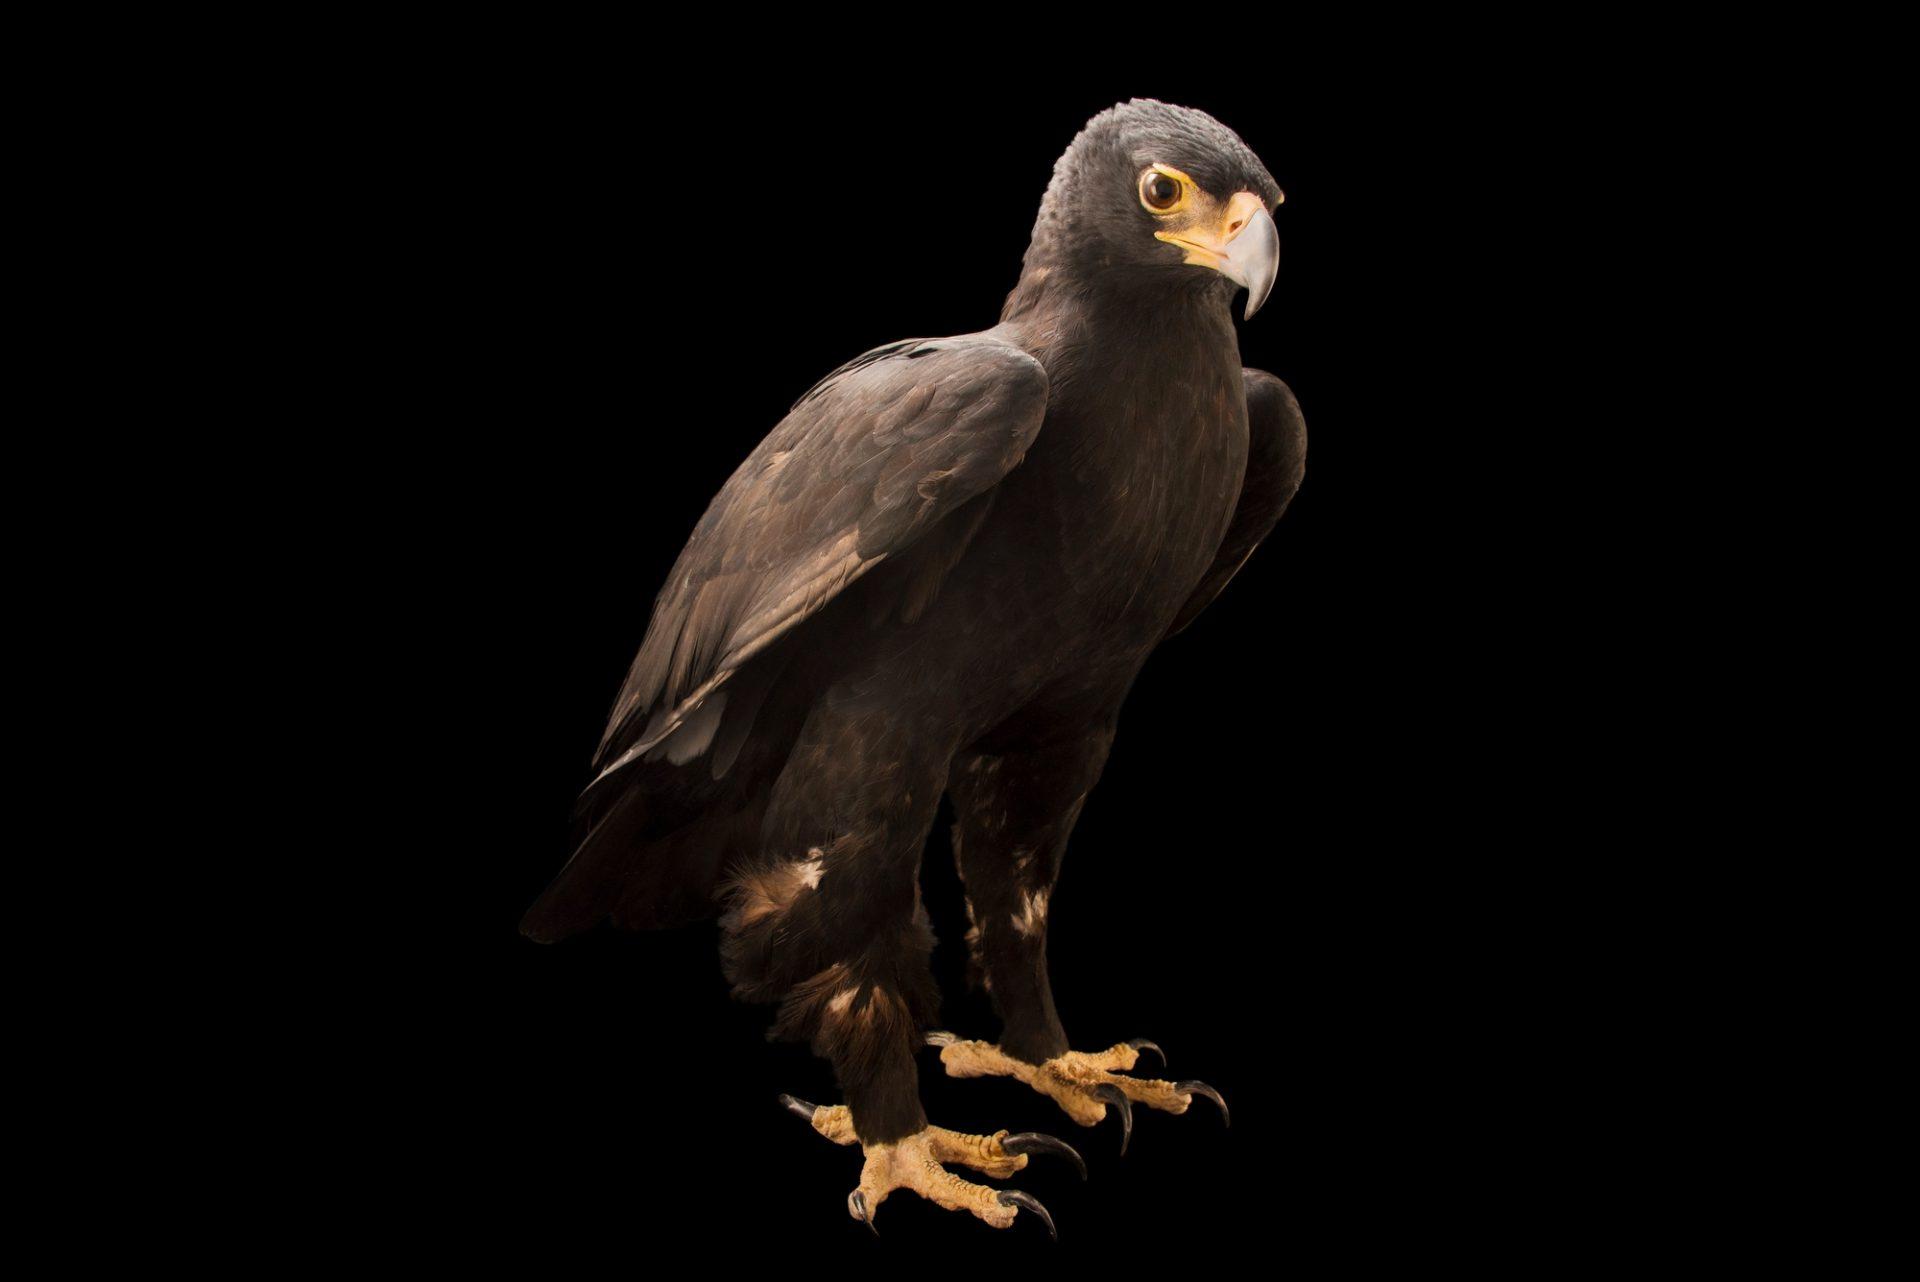 Photo: A Verreaux's eagle (Aquila verreauxii) at Sia, the Comanche Nation Ethno-Ornithological Initiative.